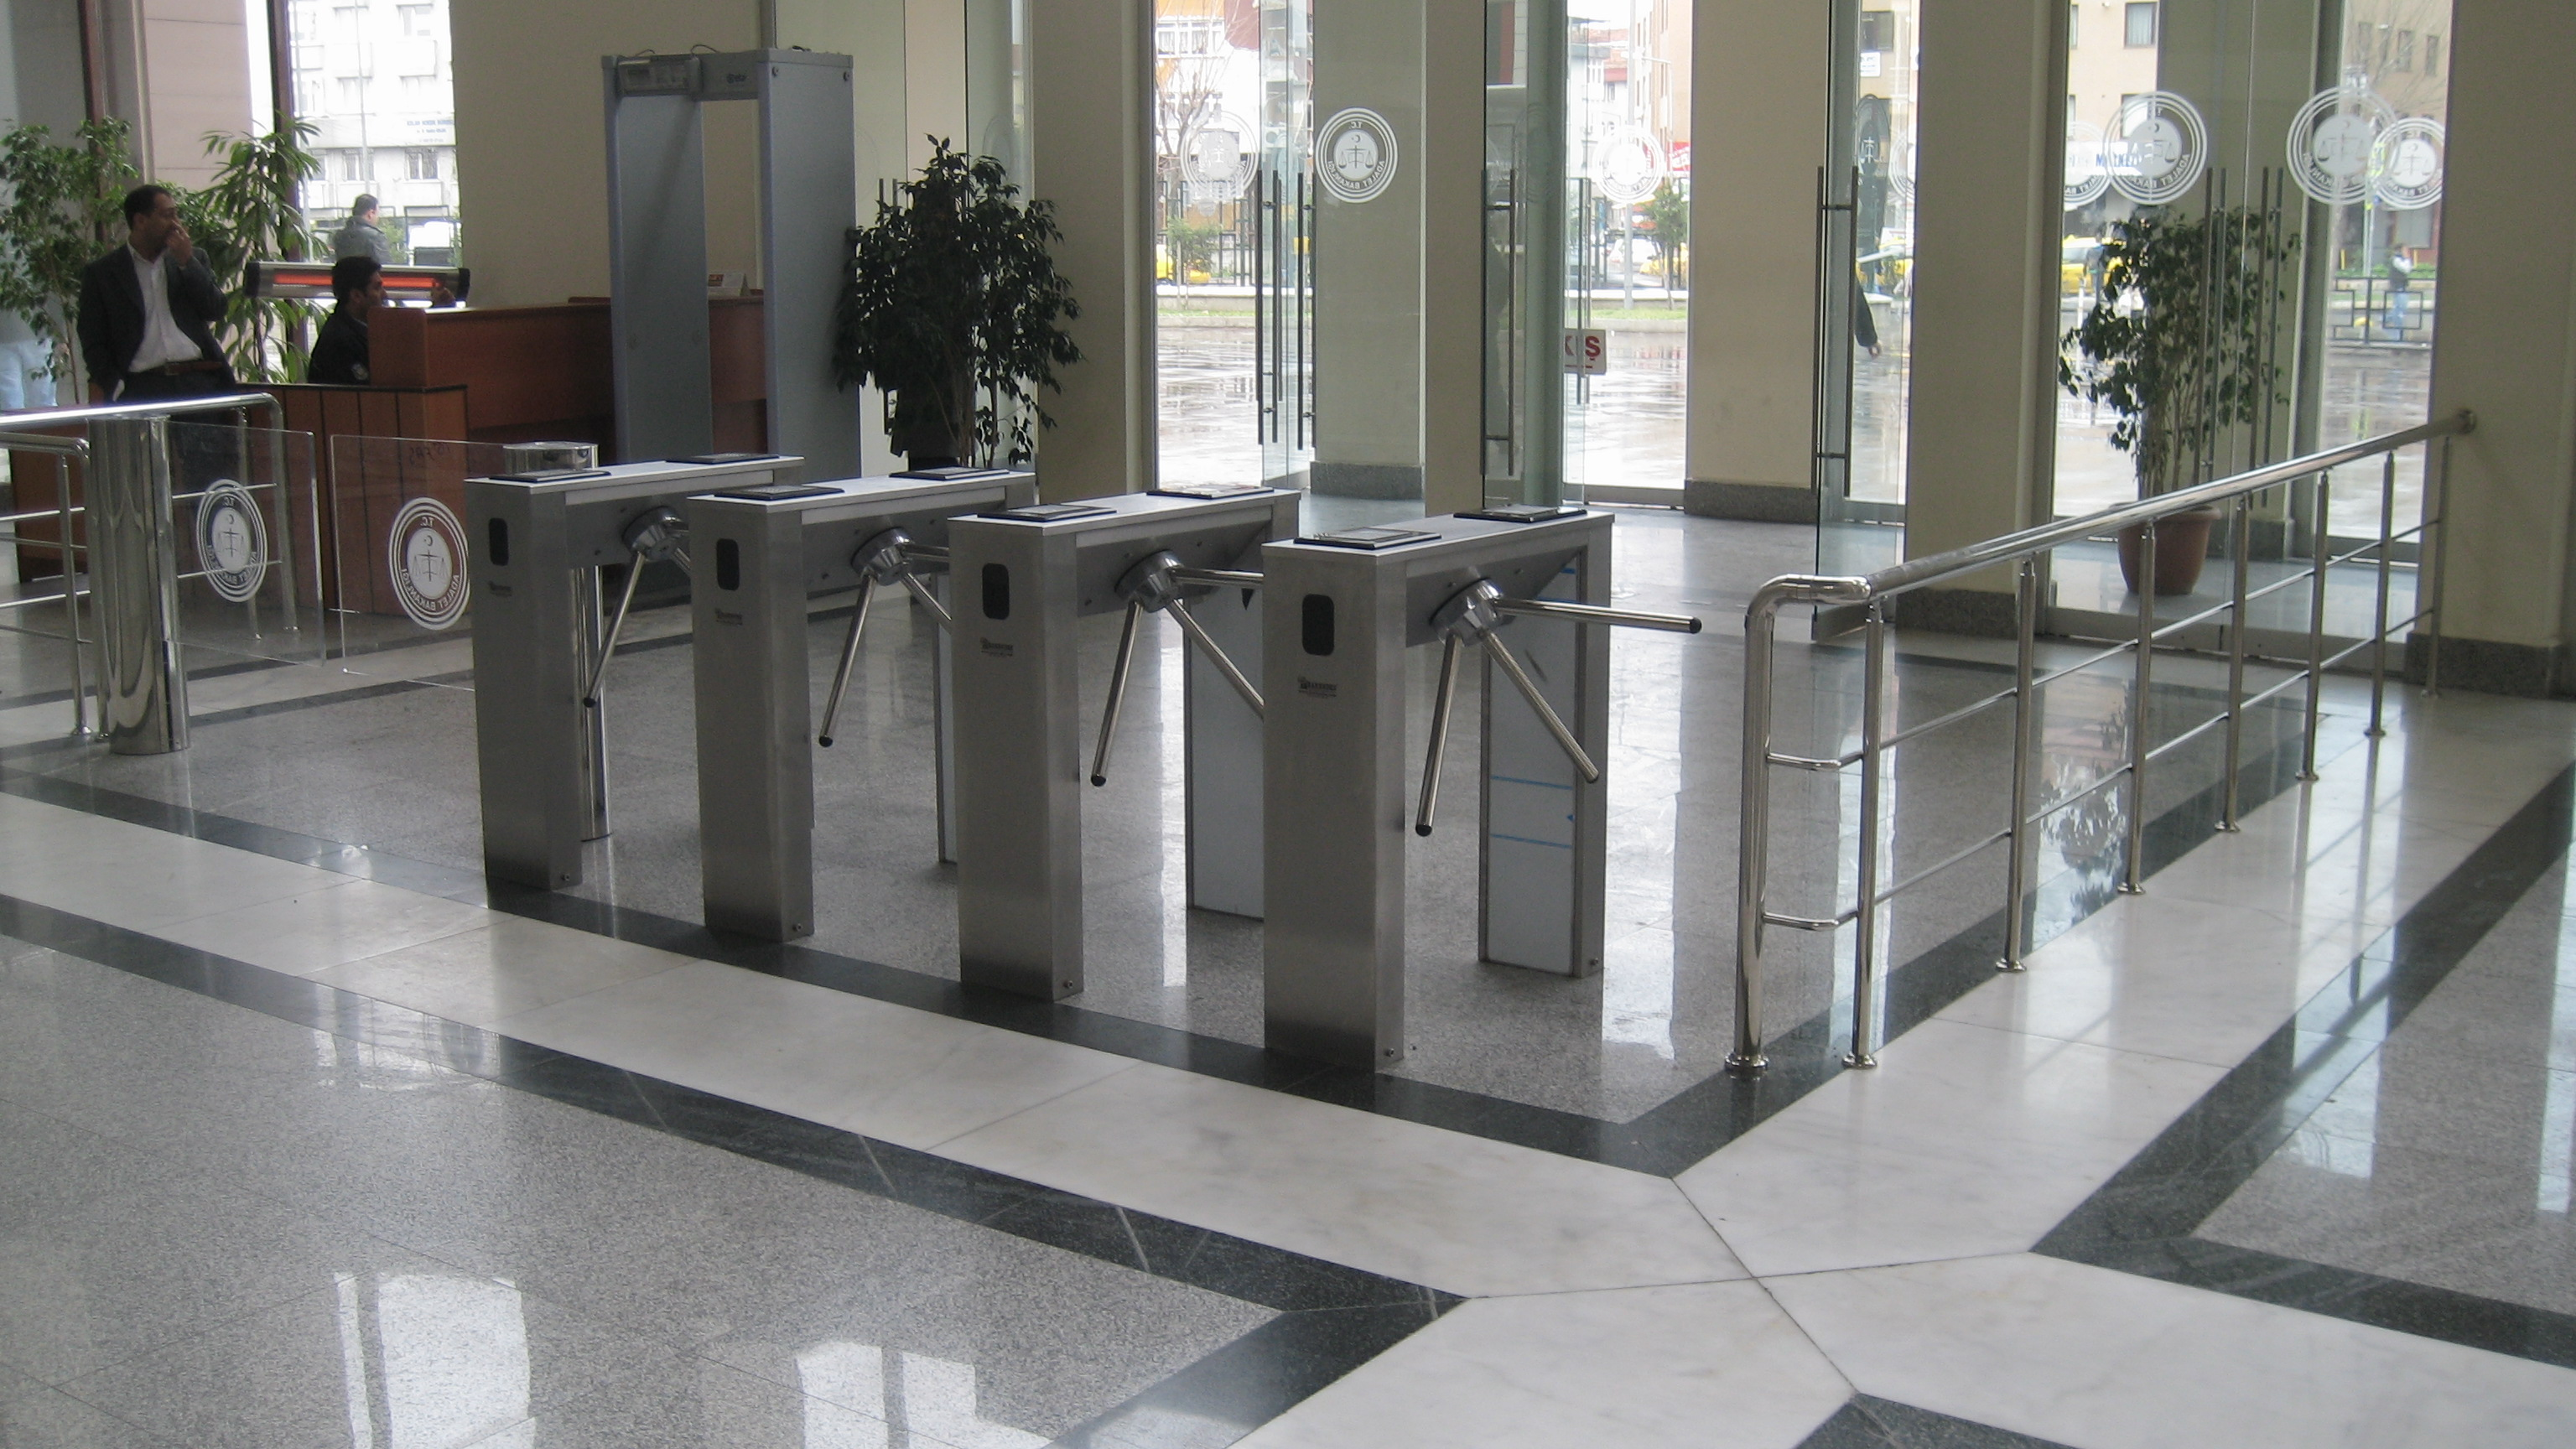 turnike sistemi nedir, turnike sistemlerinin kullanım alanları, turnike sistemi nerelerde kullanılır